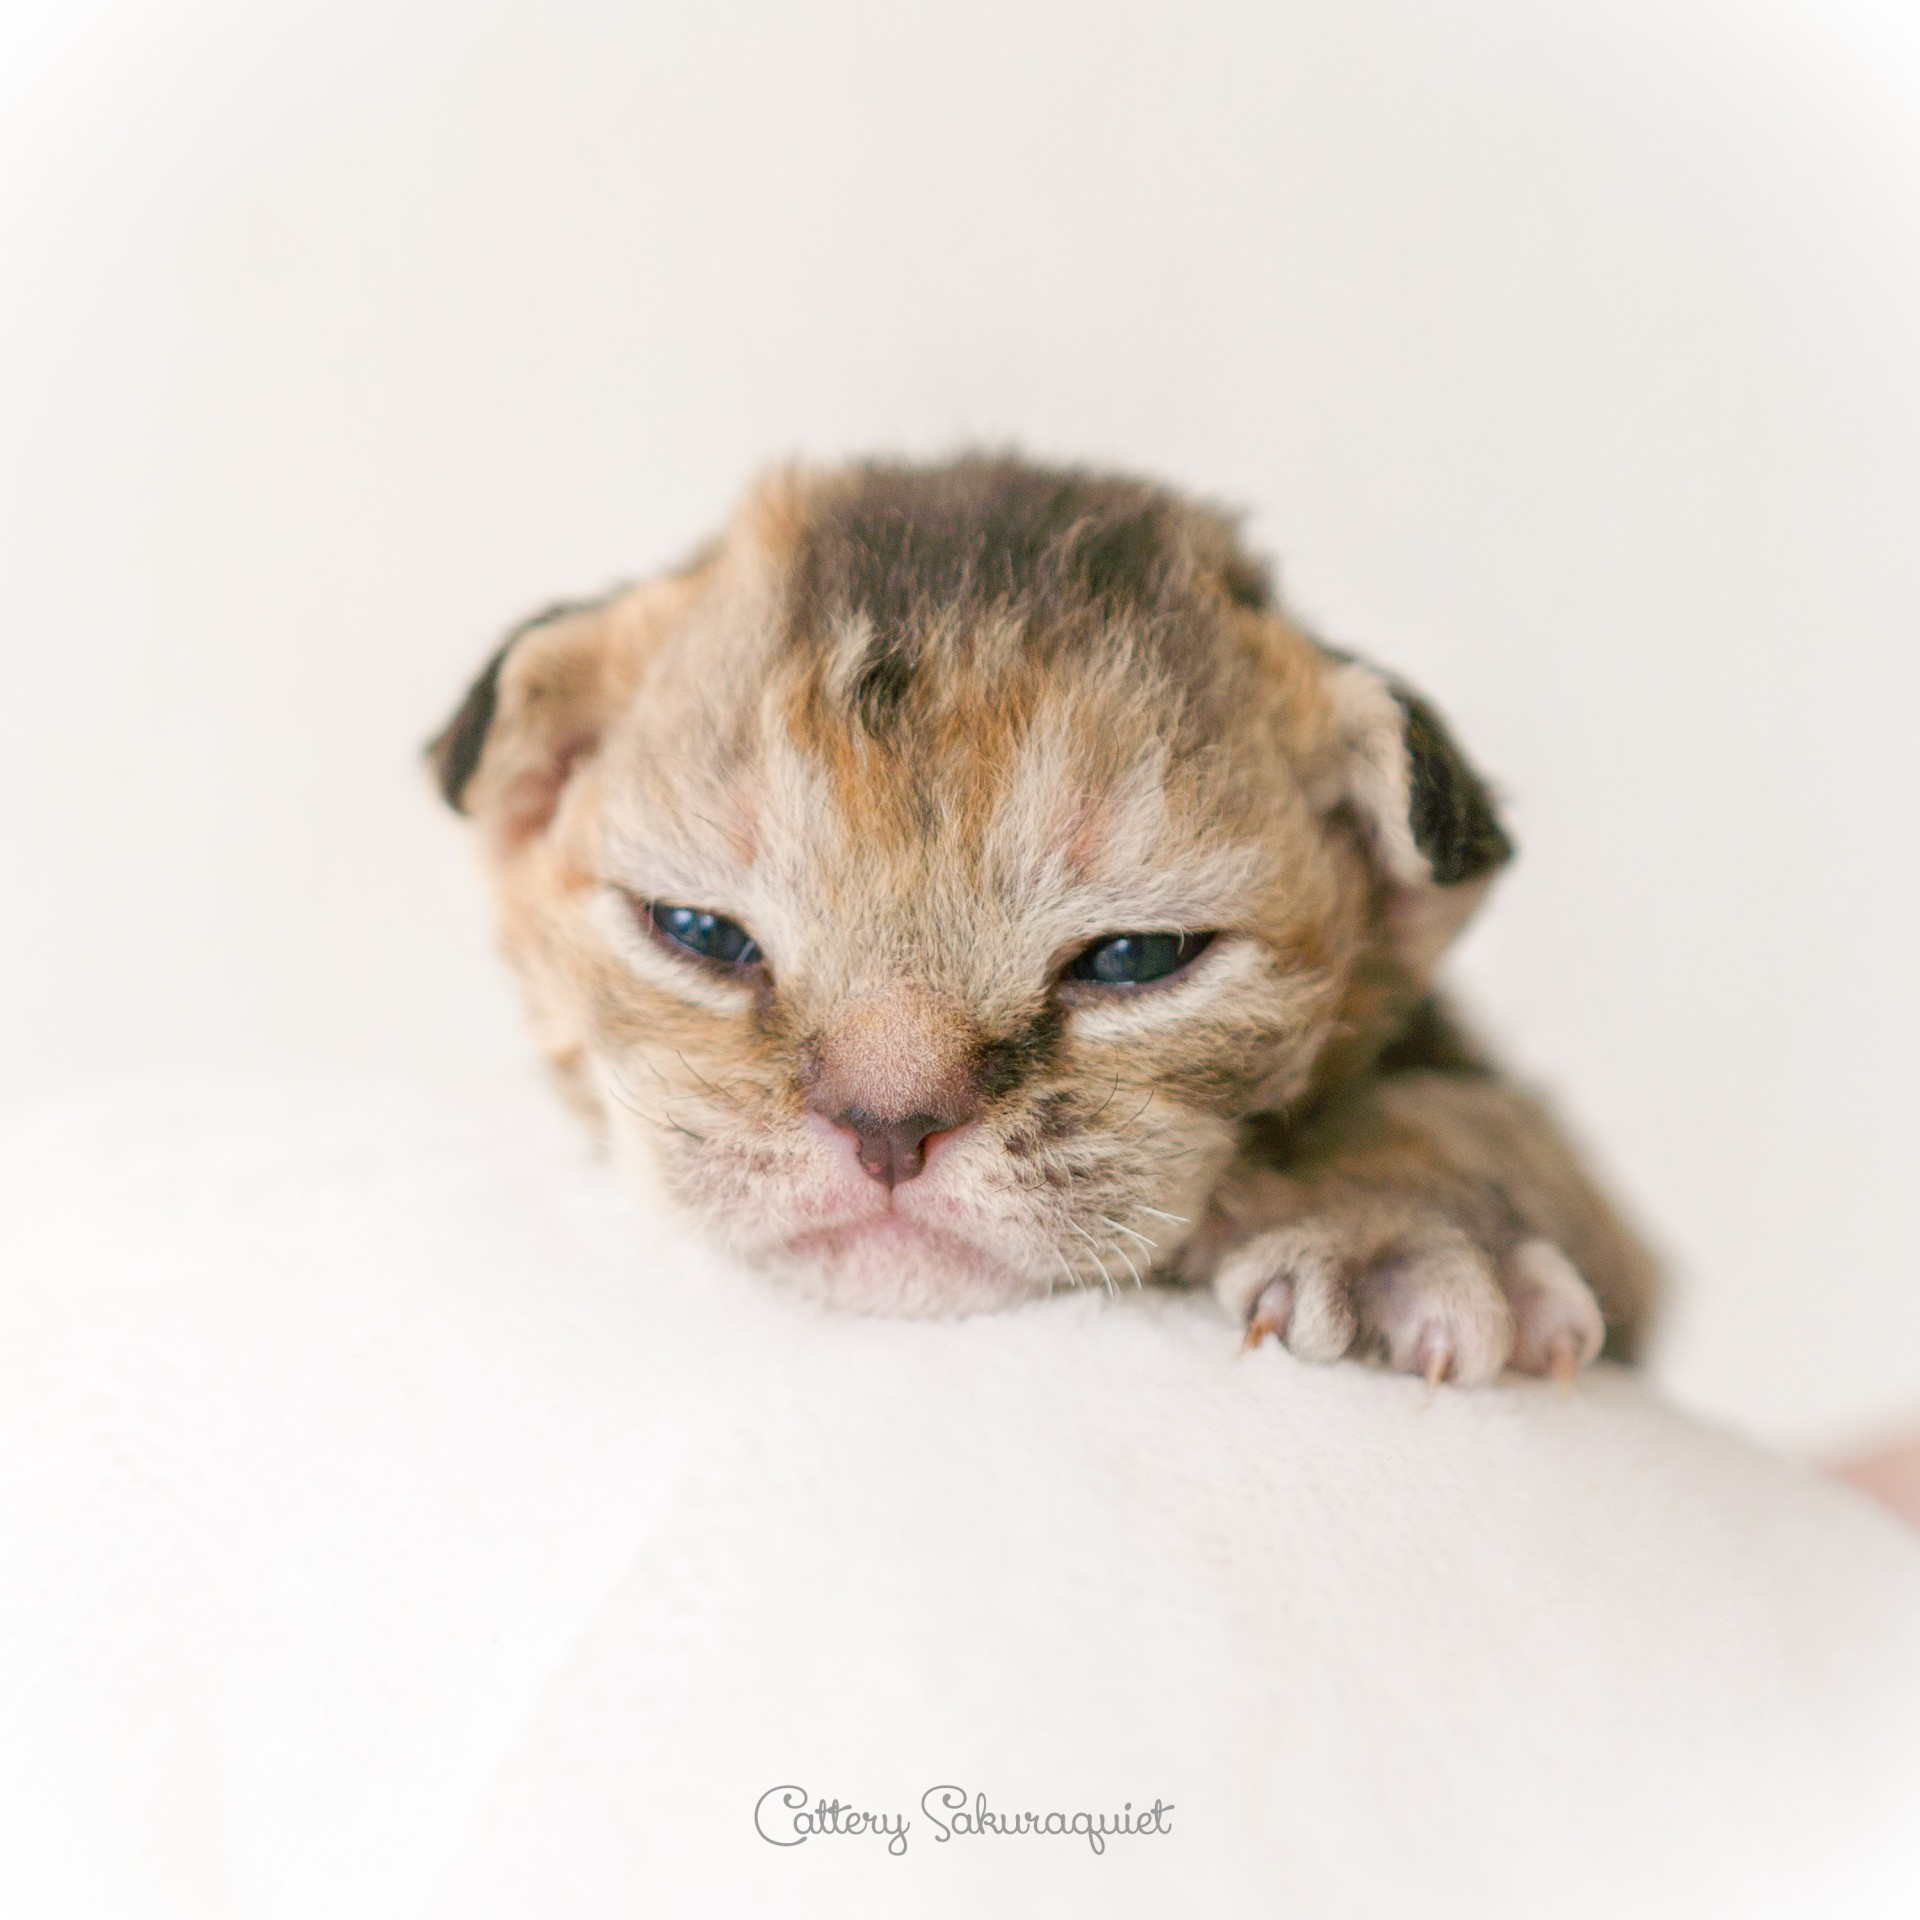 デボンレックス CATERINAの仔猫 ブラウンクラシックトービー メス Devon Rex Kittens CATERINA BrownClassicTorbie female